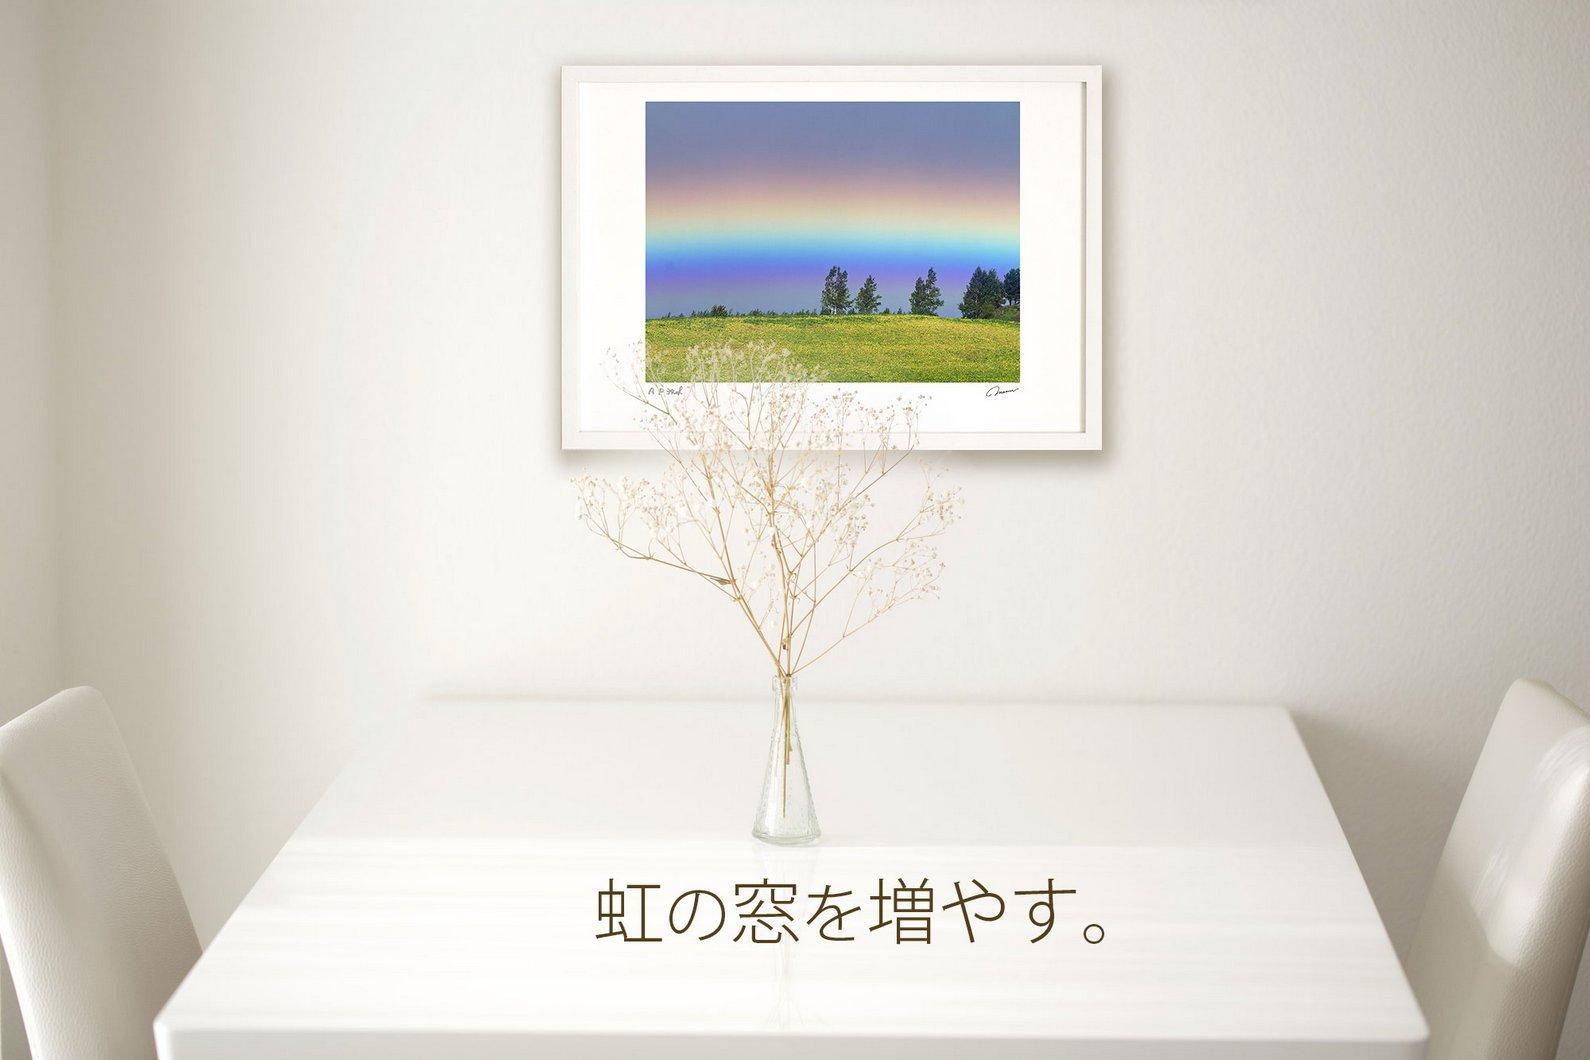 《アートフォト》夜明け前の雪2/上富良野町〔富良野・高橋真澄〕(レンタル対象)